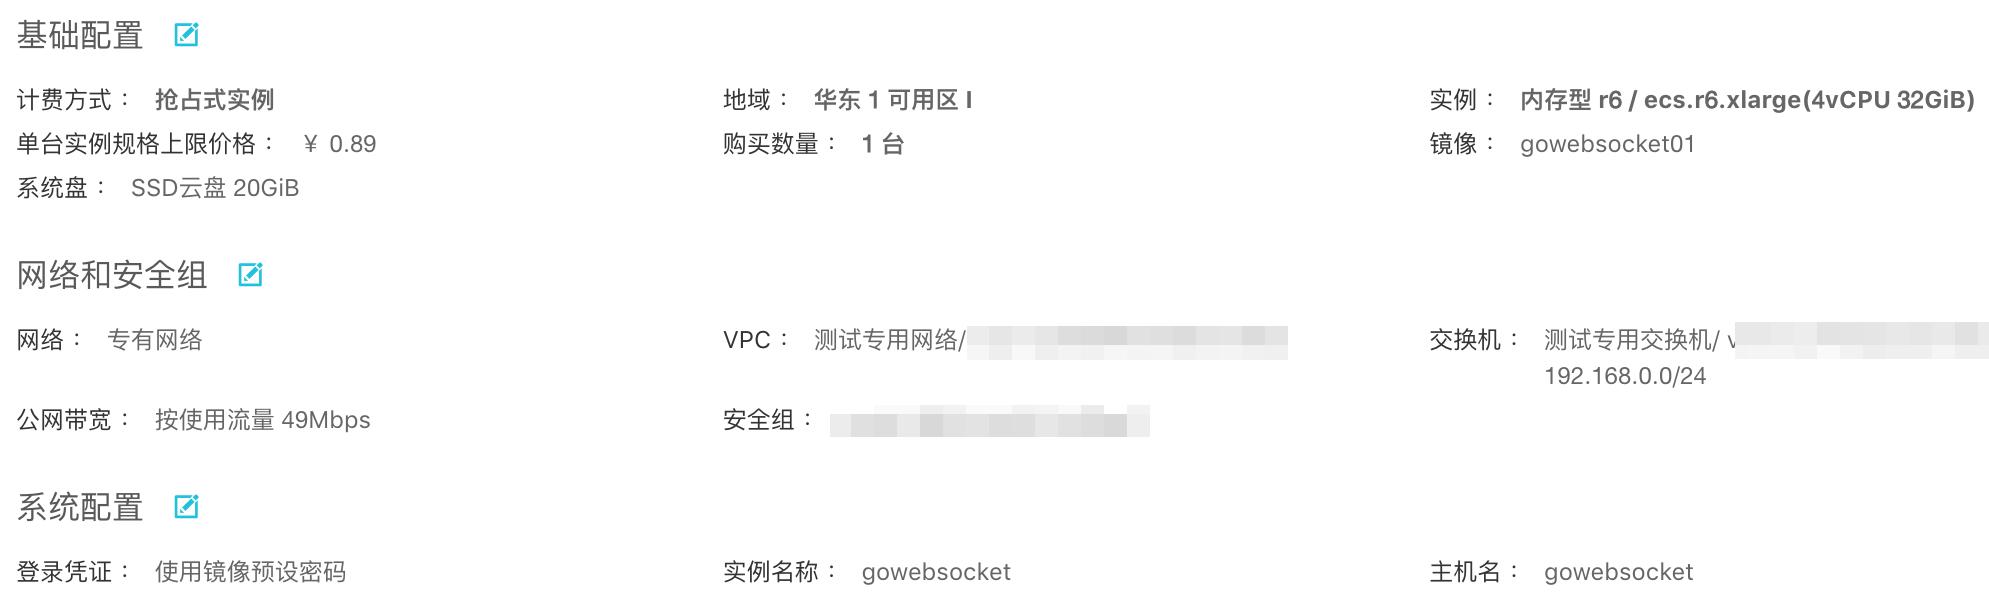 webSocket被压测服务器